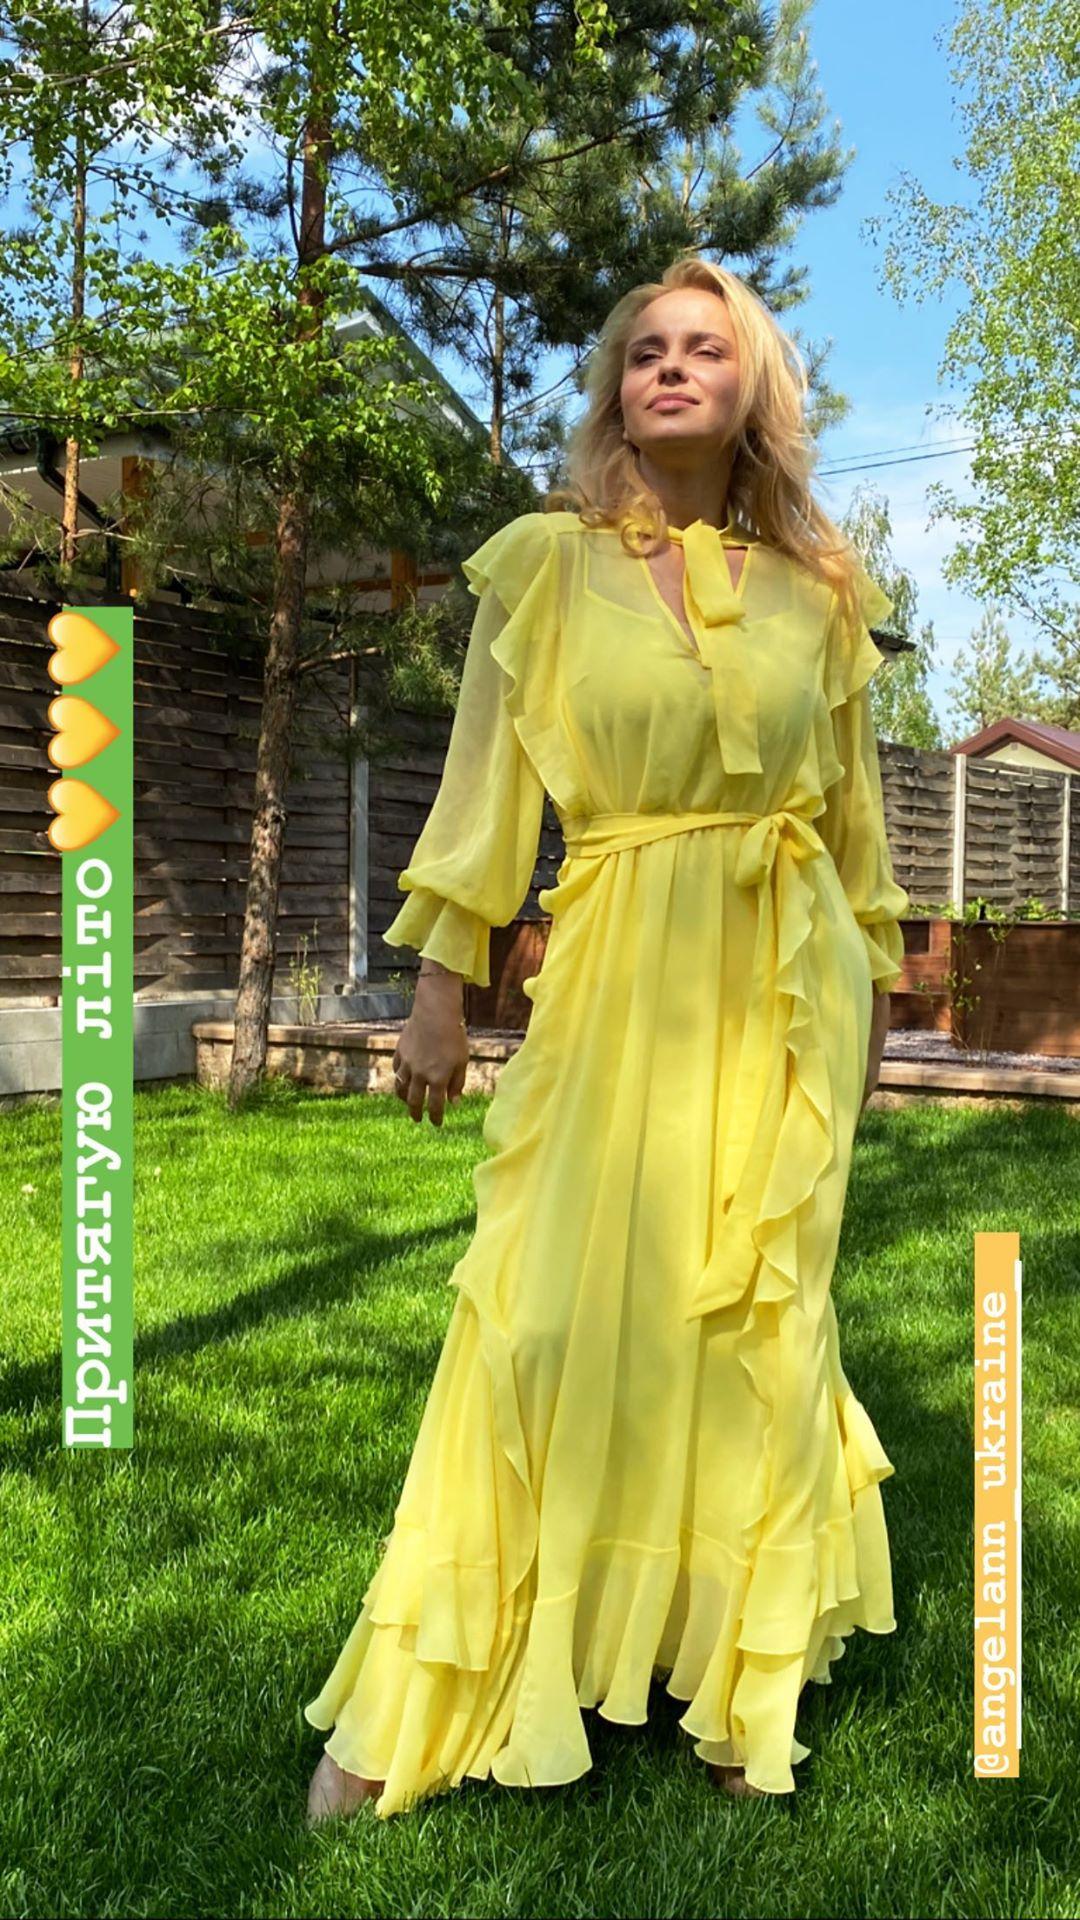 Притягиваю лето:  Лилия Ребрик в полупрозрачном платье за $550 кружит голову  женственностью